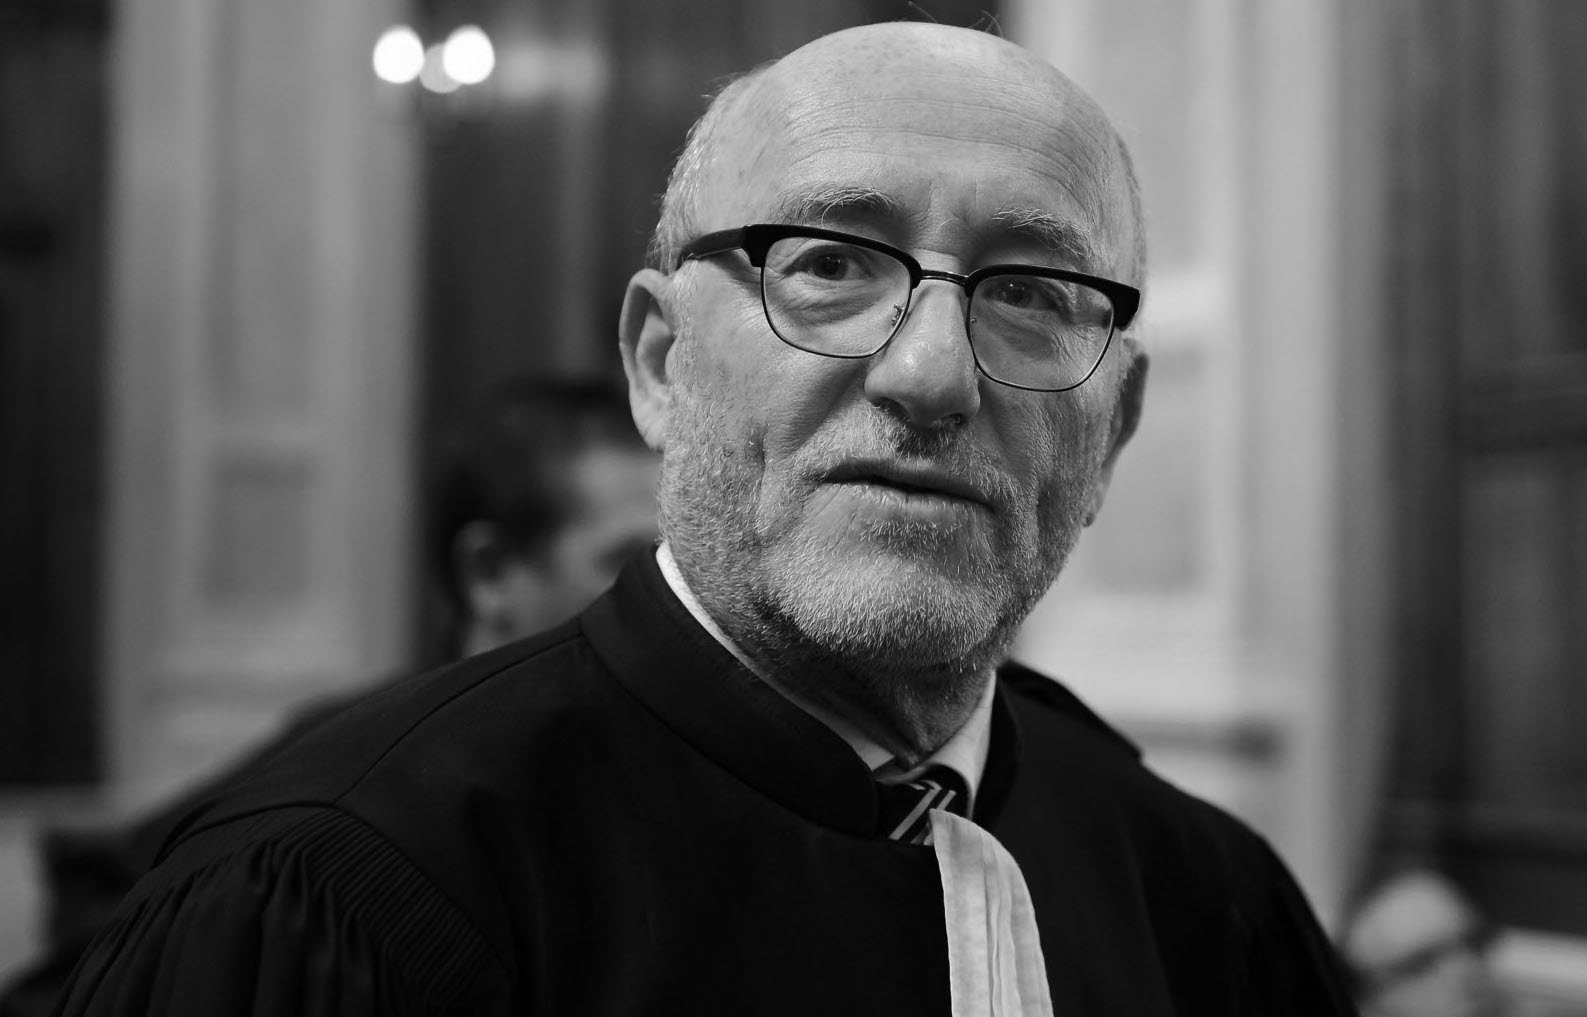 Portrait en noir et blanc de l'avocat Alain Jakubowicz, alors que ce dernier sort d'un procès au sein de la 17e chambre du Tribunal de Paris.